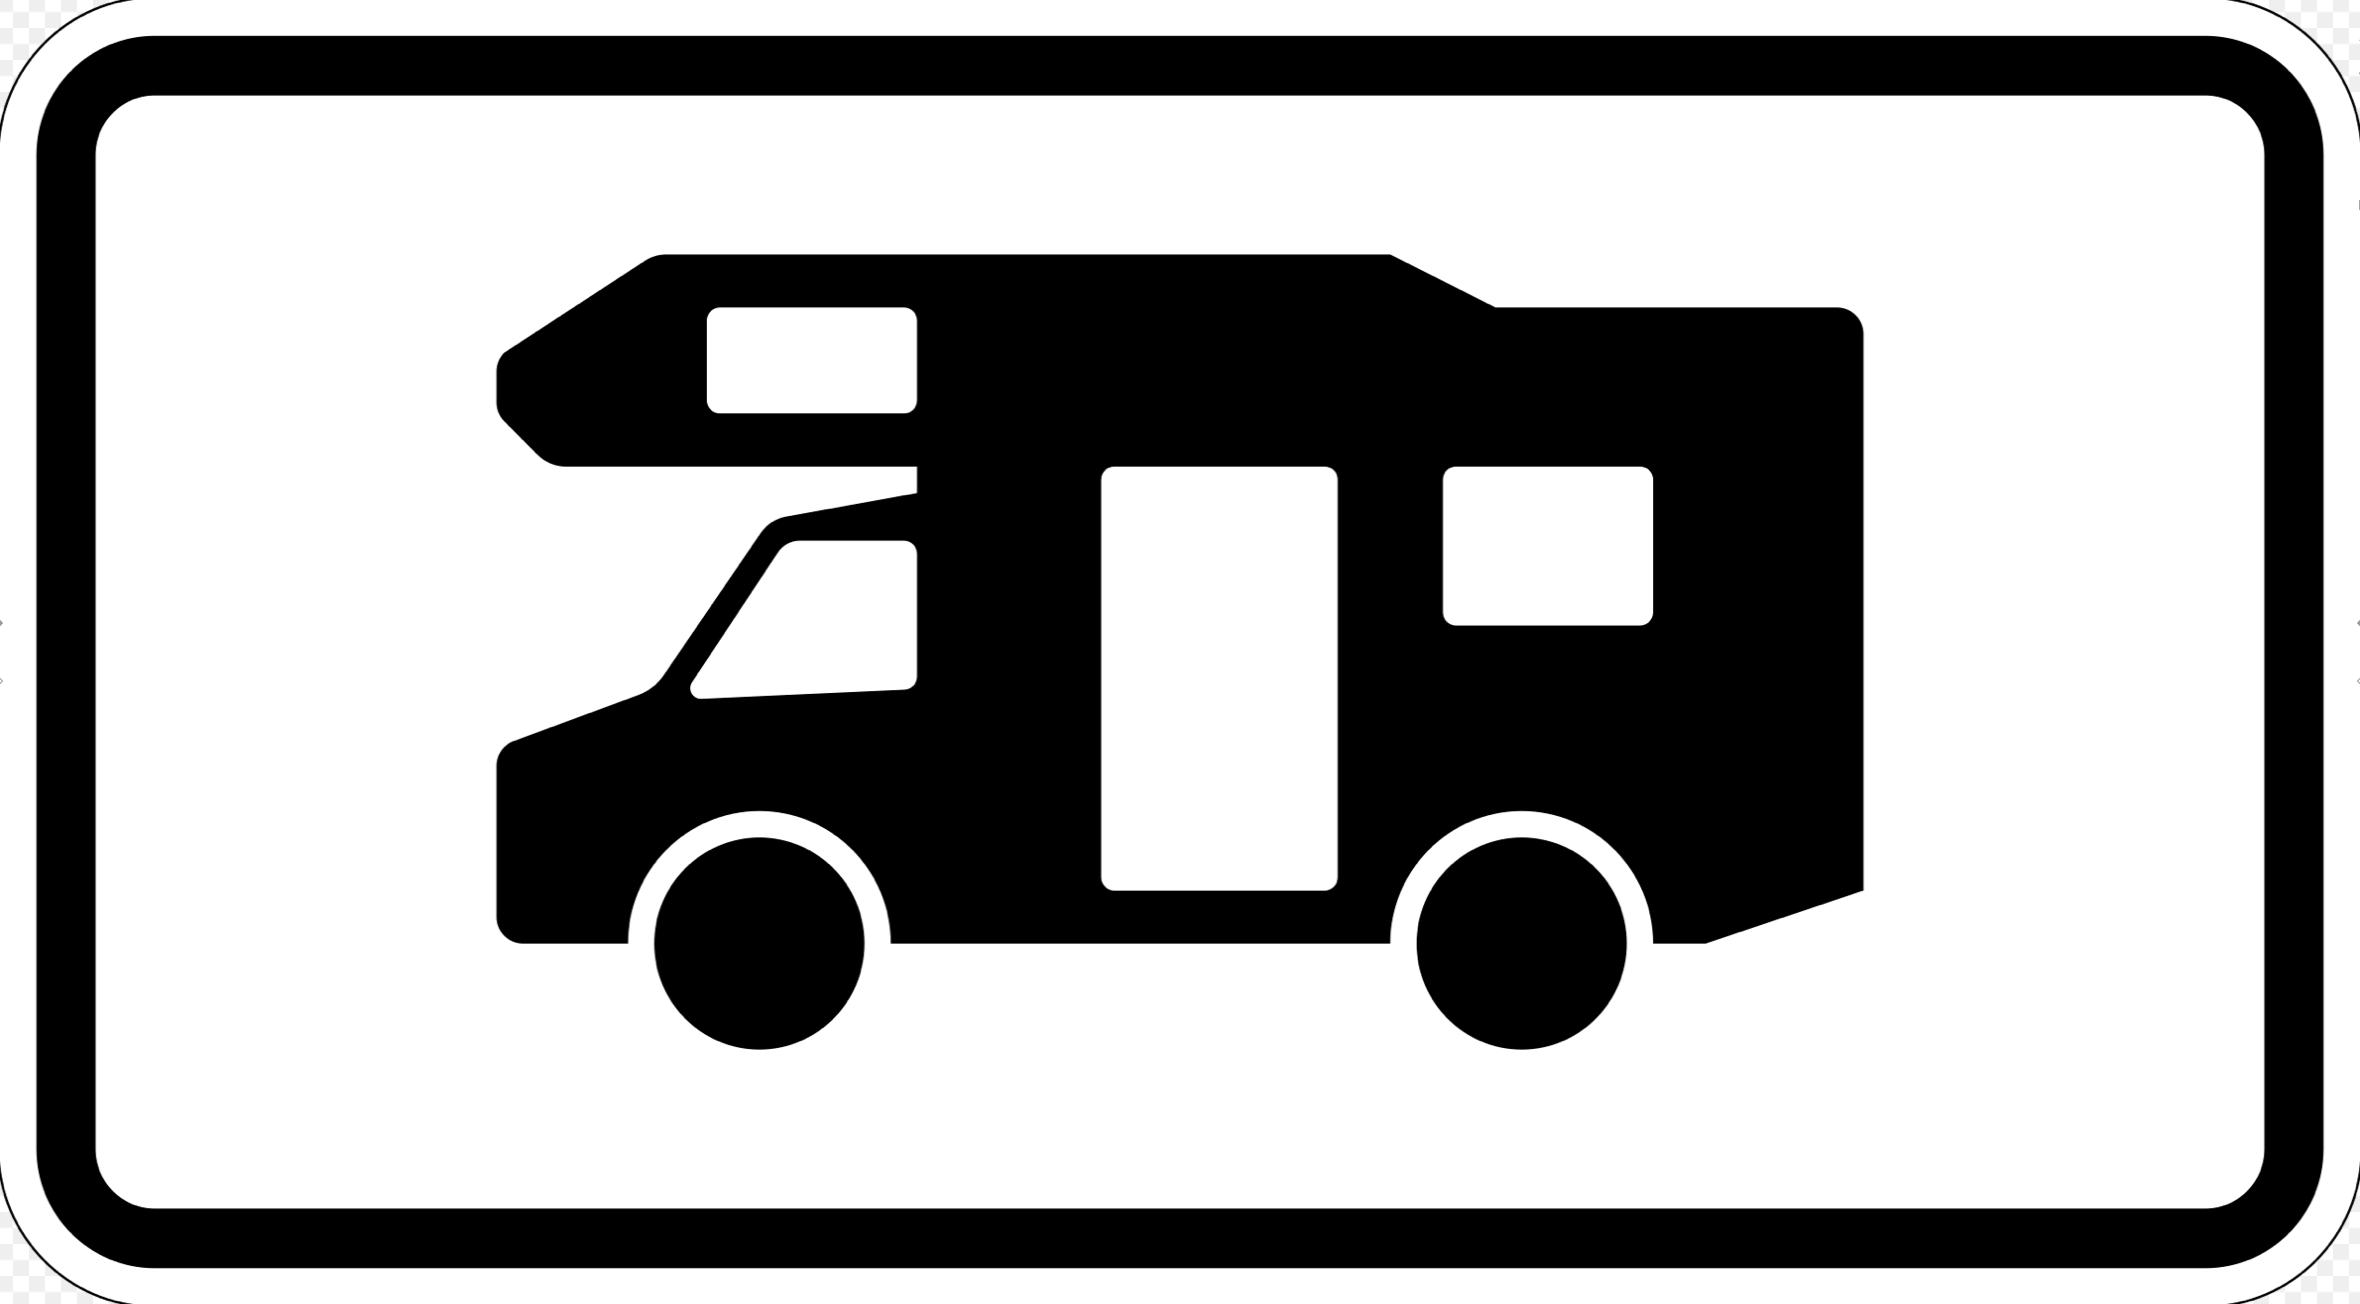 Stellplatz verbot für Wohnwagen